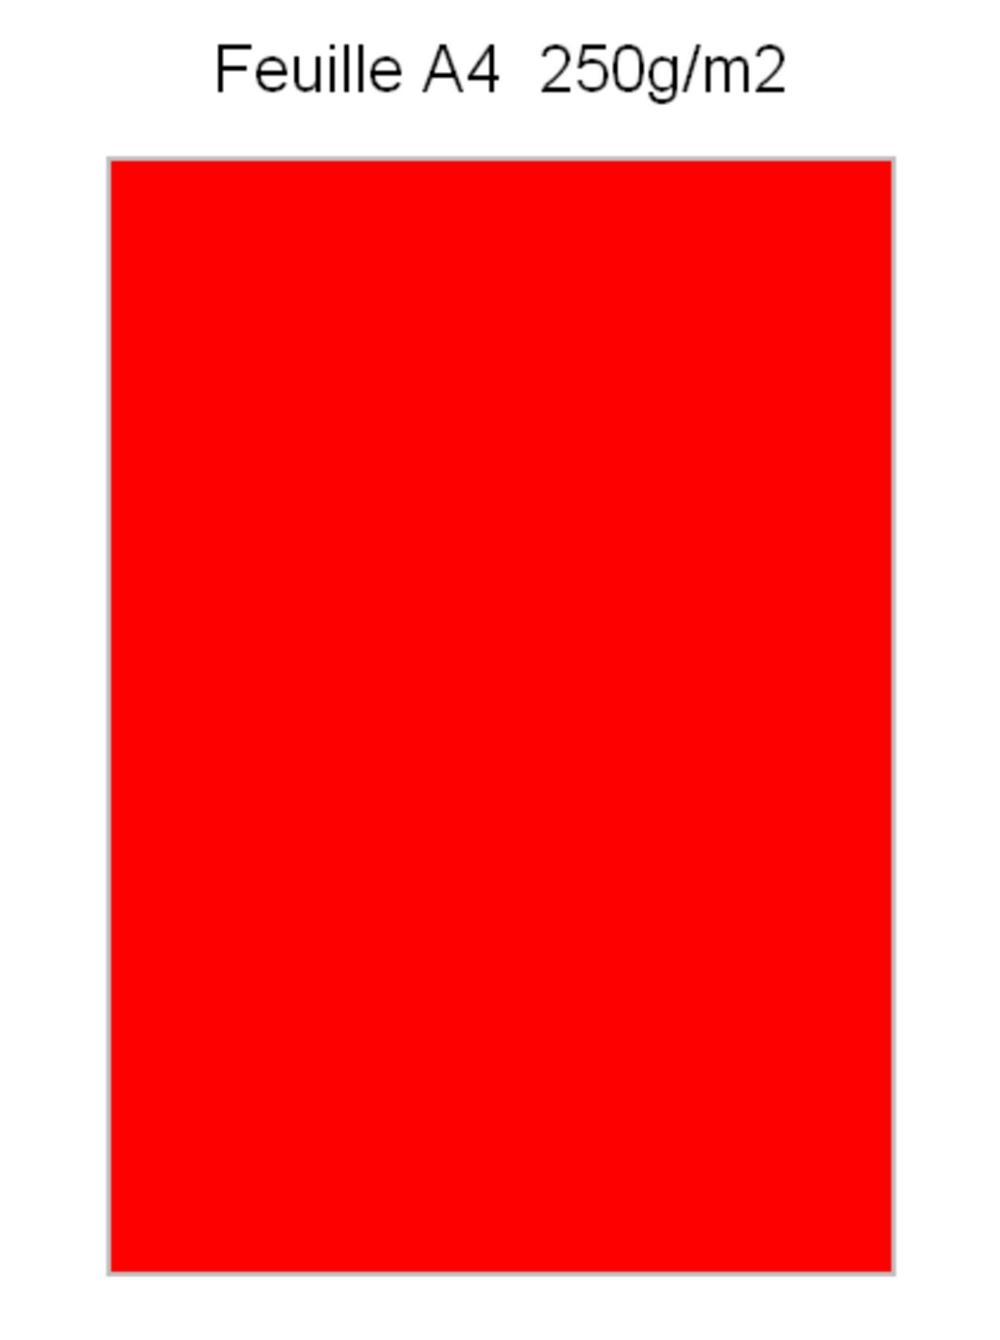 leinwandbild einhorn emob image pokemon image pokemon mangas mangas feuille papier epais a4 rouge accessoires de bricolage